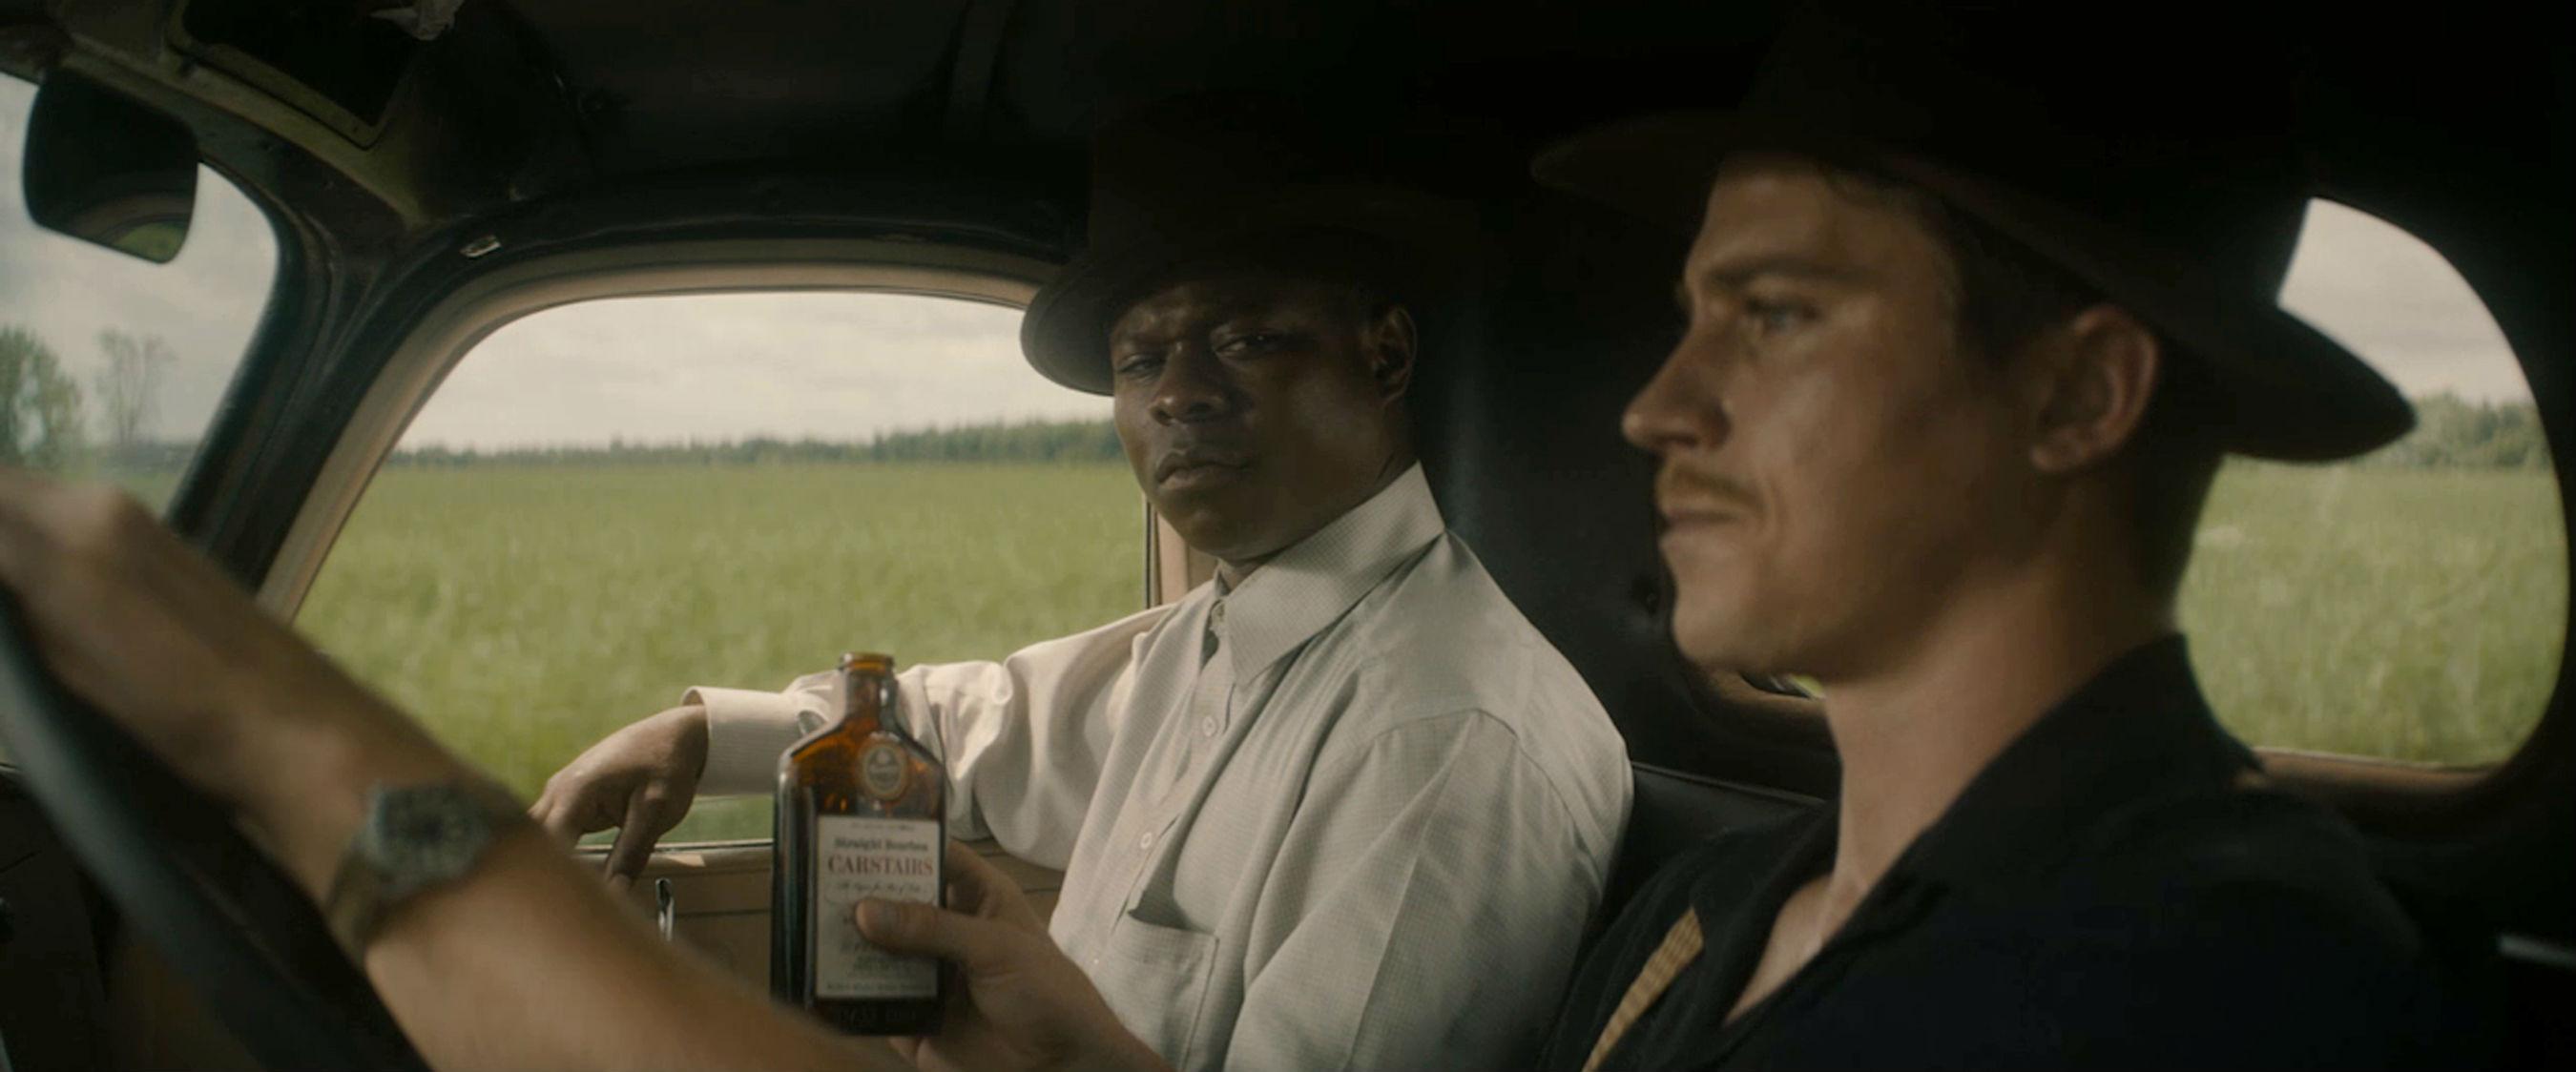 Garrett Hedlund Filmes regarding mudbound - jason mitchell and garrett hedlund - blackfilm/read